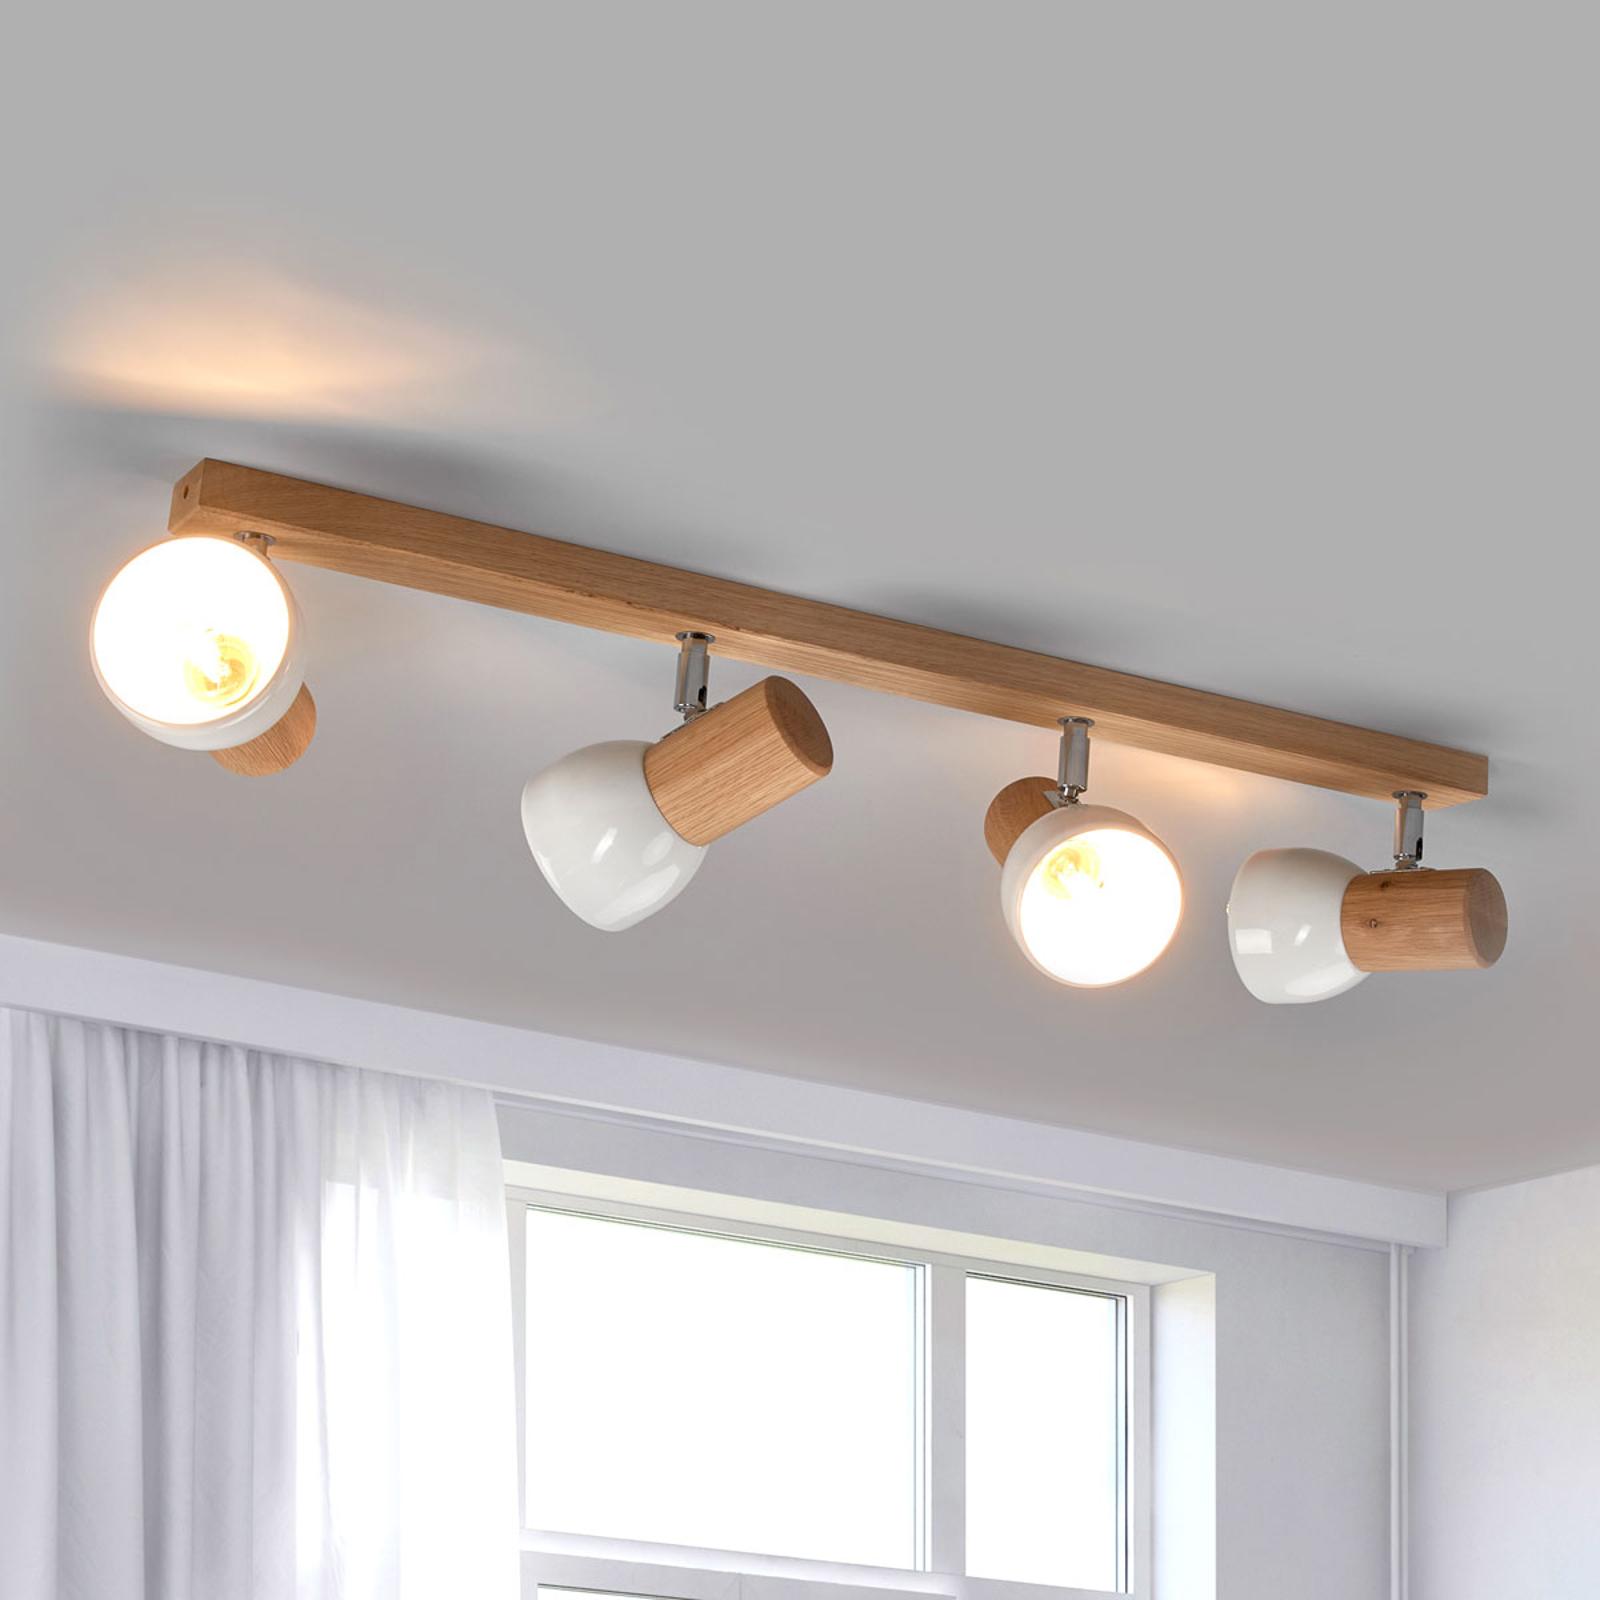 Funksjonell taklampe Svenda - 4 lys